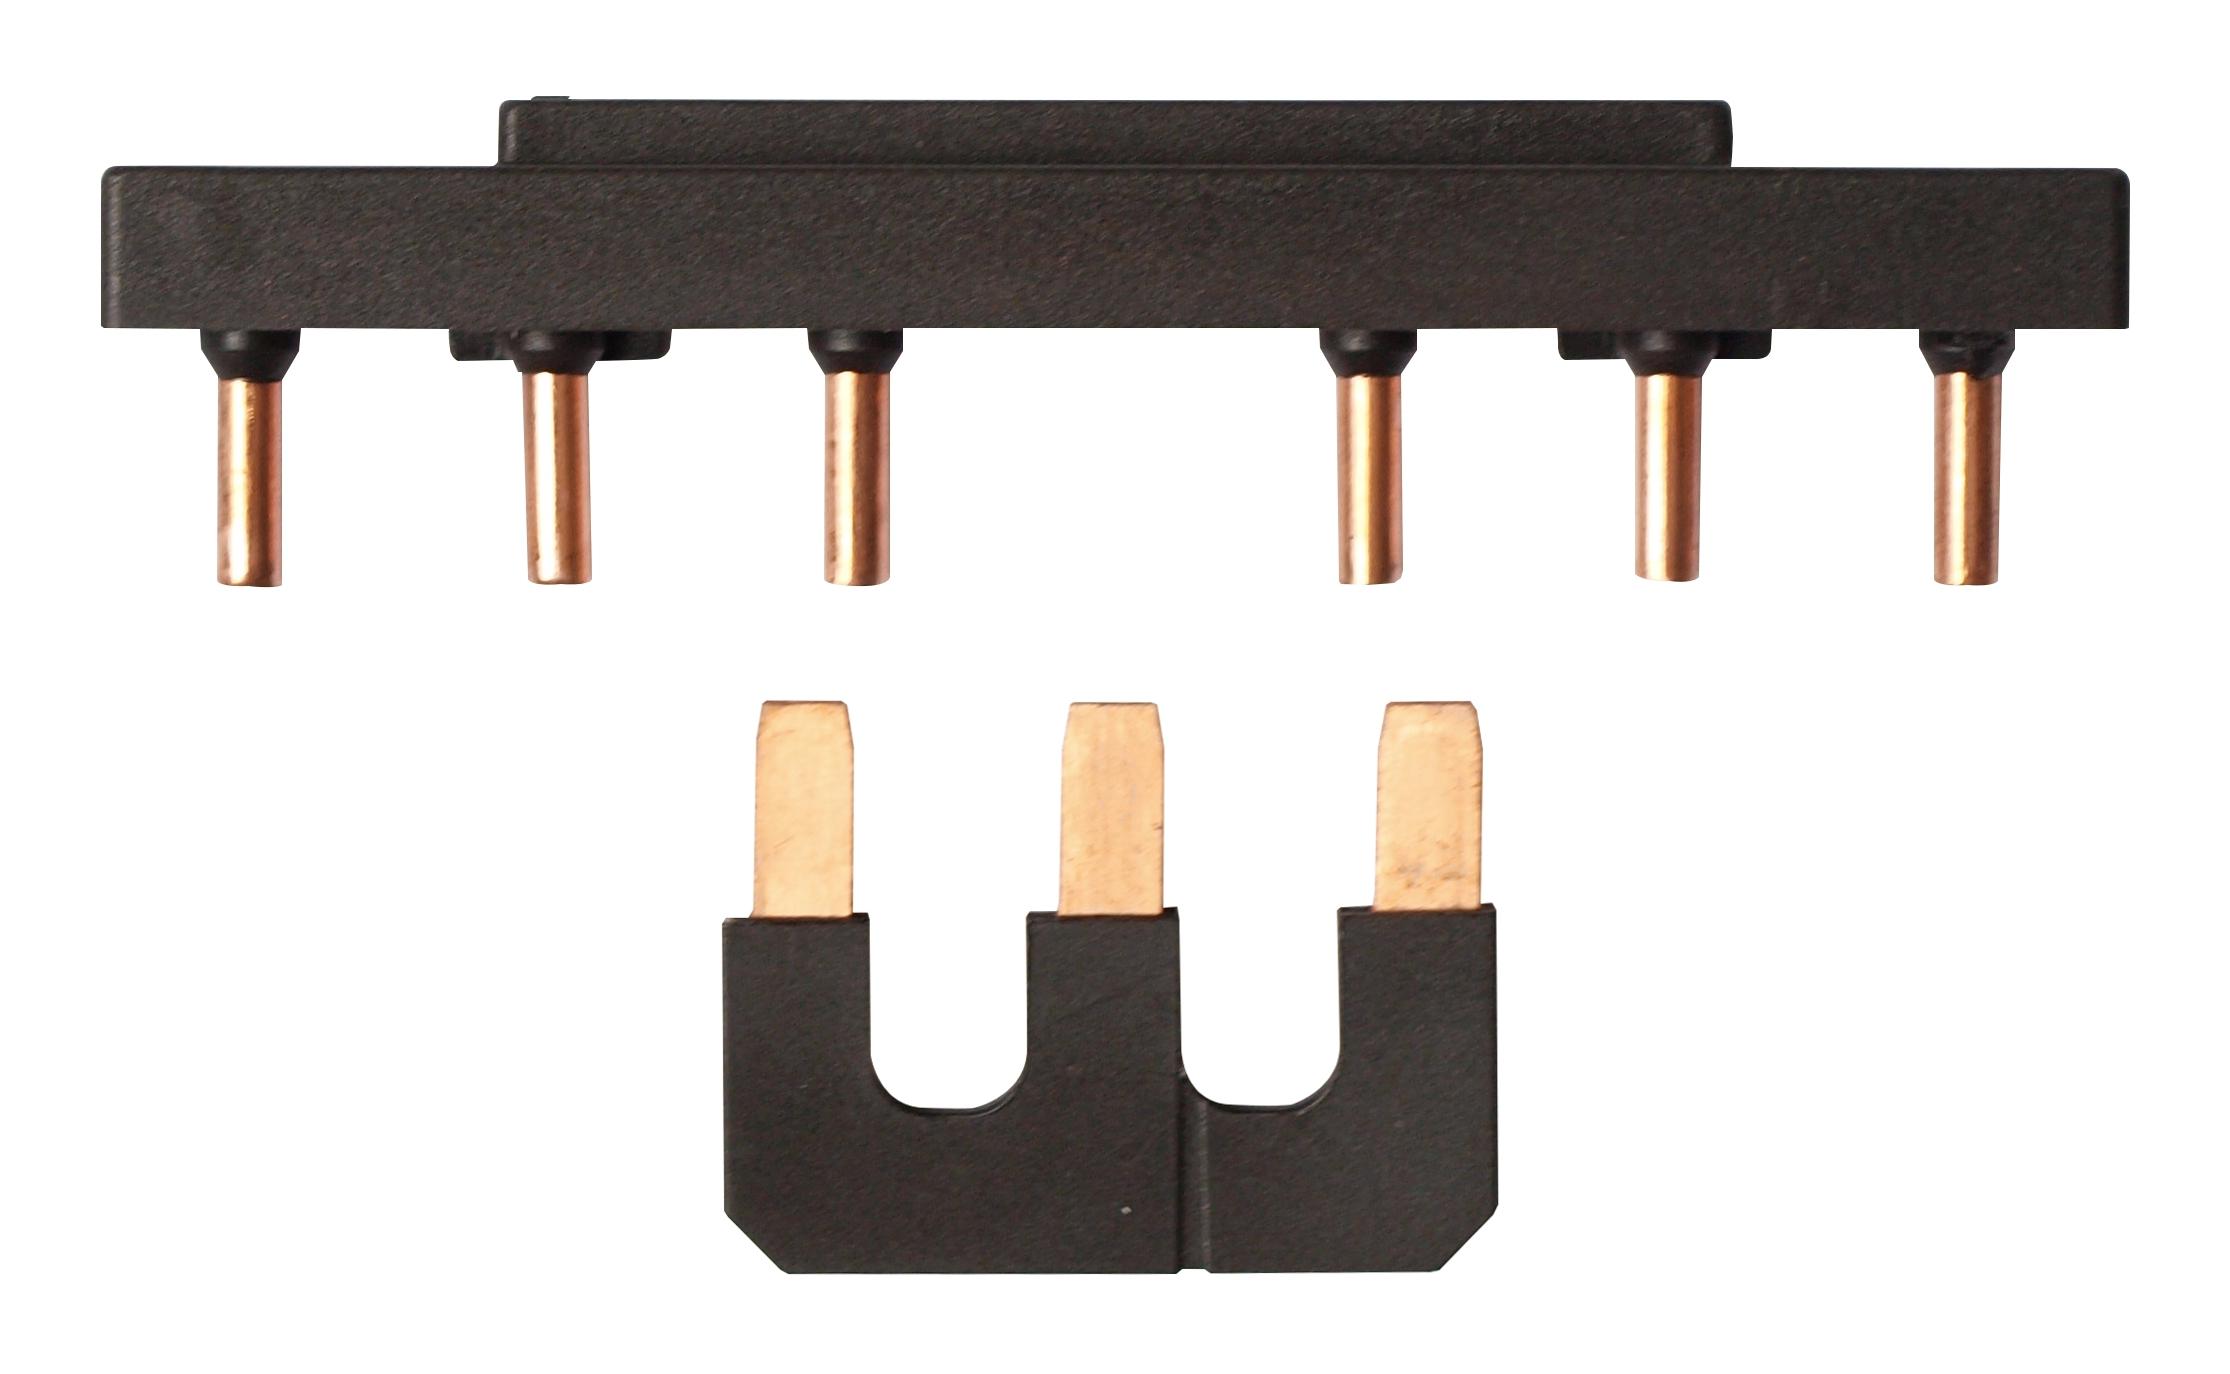 1 Stk Bausatz für Y-D-Kombination 2-2-2, Verschienung unten LSZ2Y003--